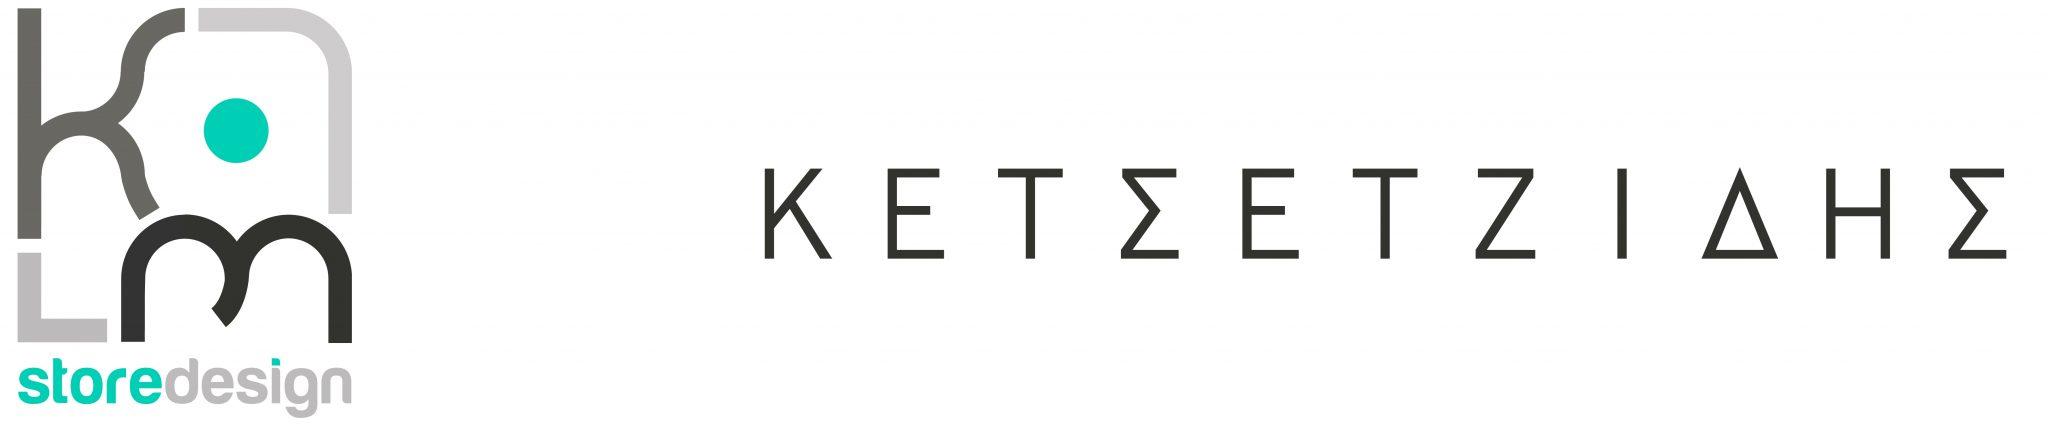 Επιπλώσεις καταστημάτων - KM storedesign - Σχεδιασμός